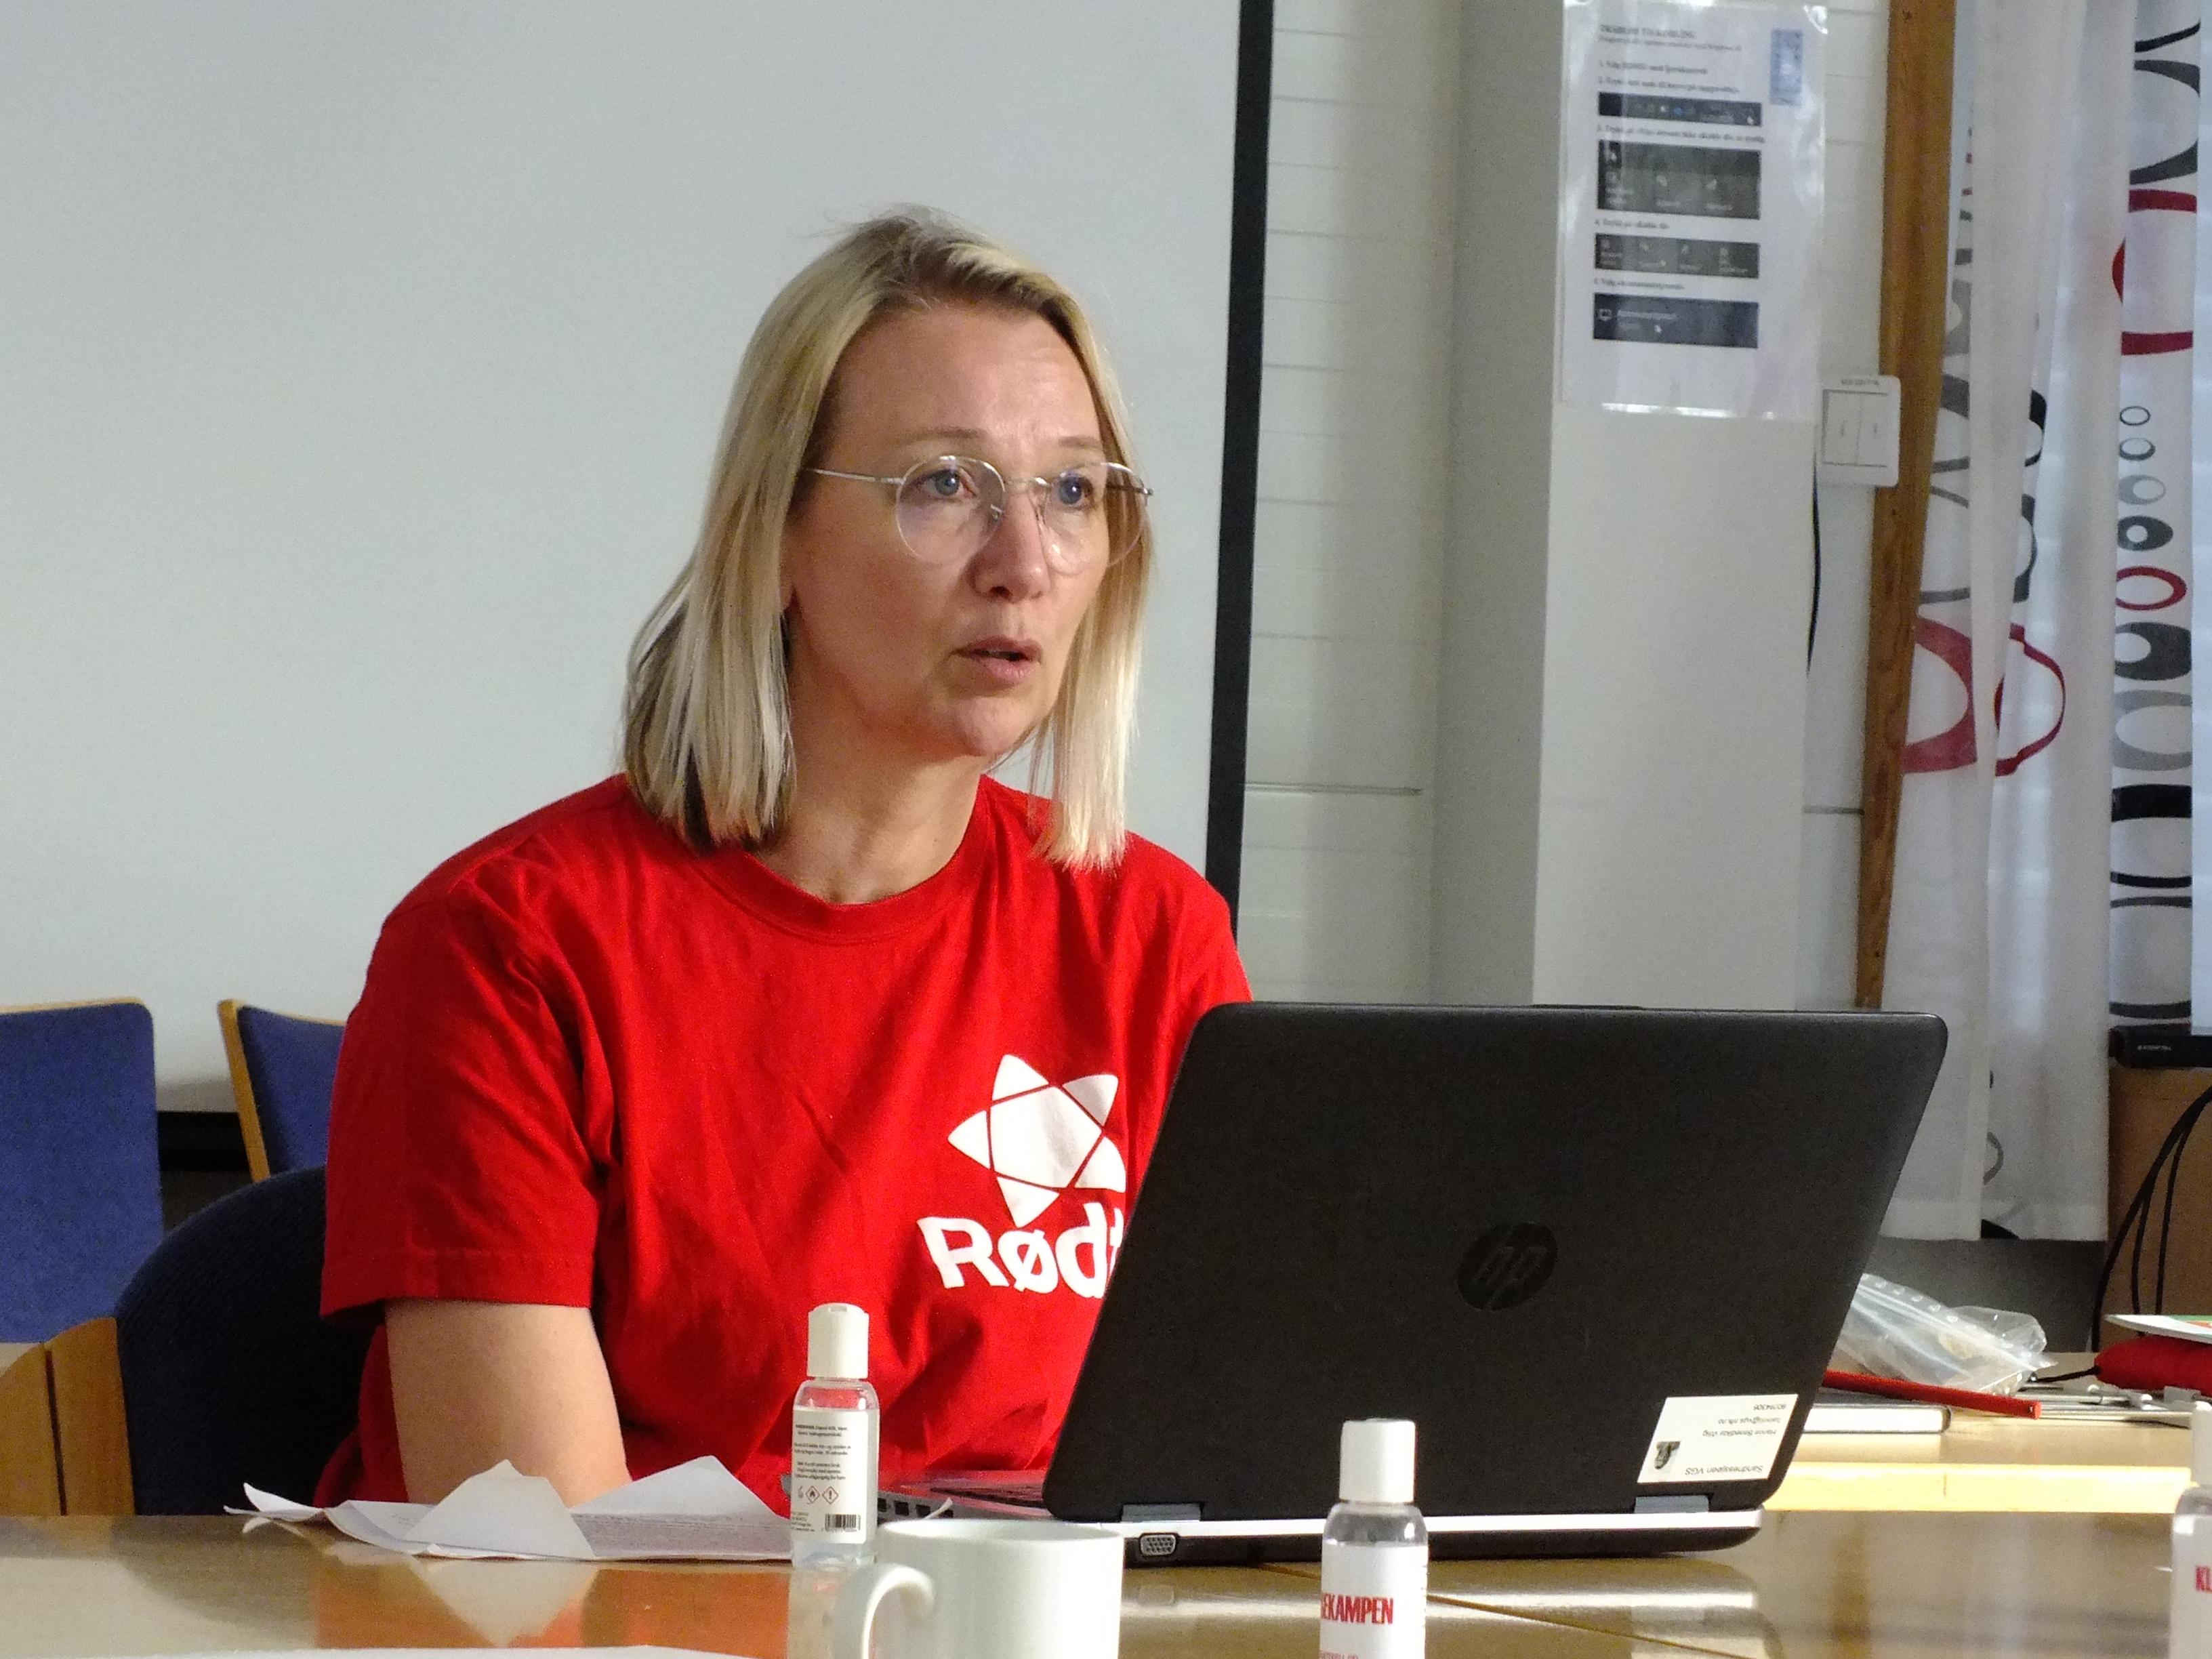 Partiet Rødt stiftet i Herøy_Hanne Benedikte Wiig